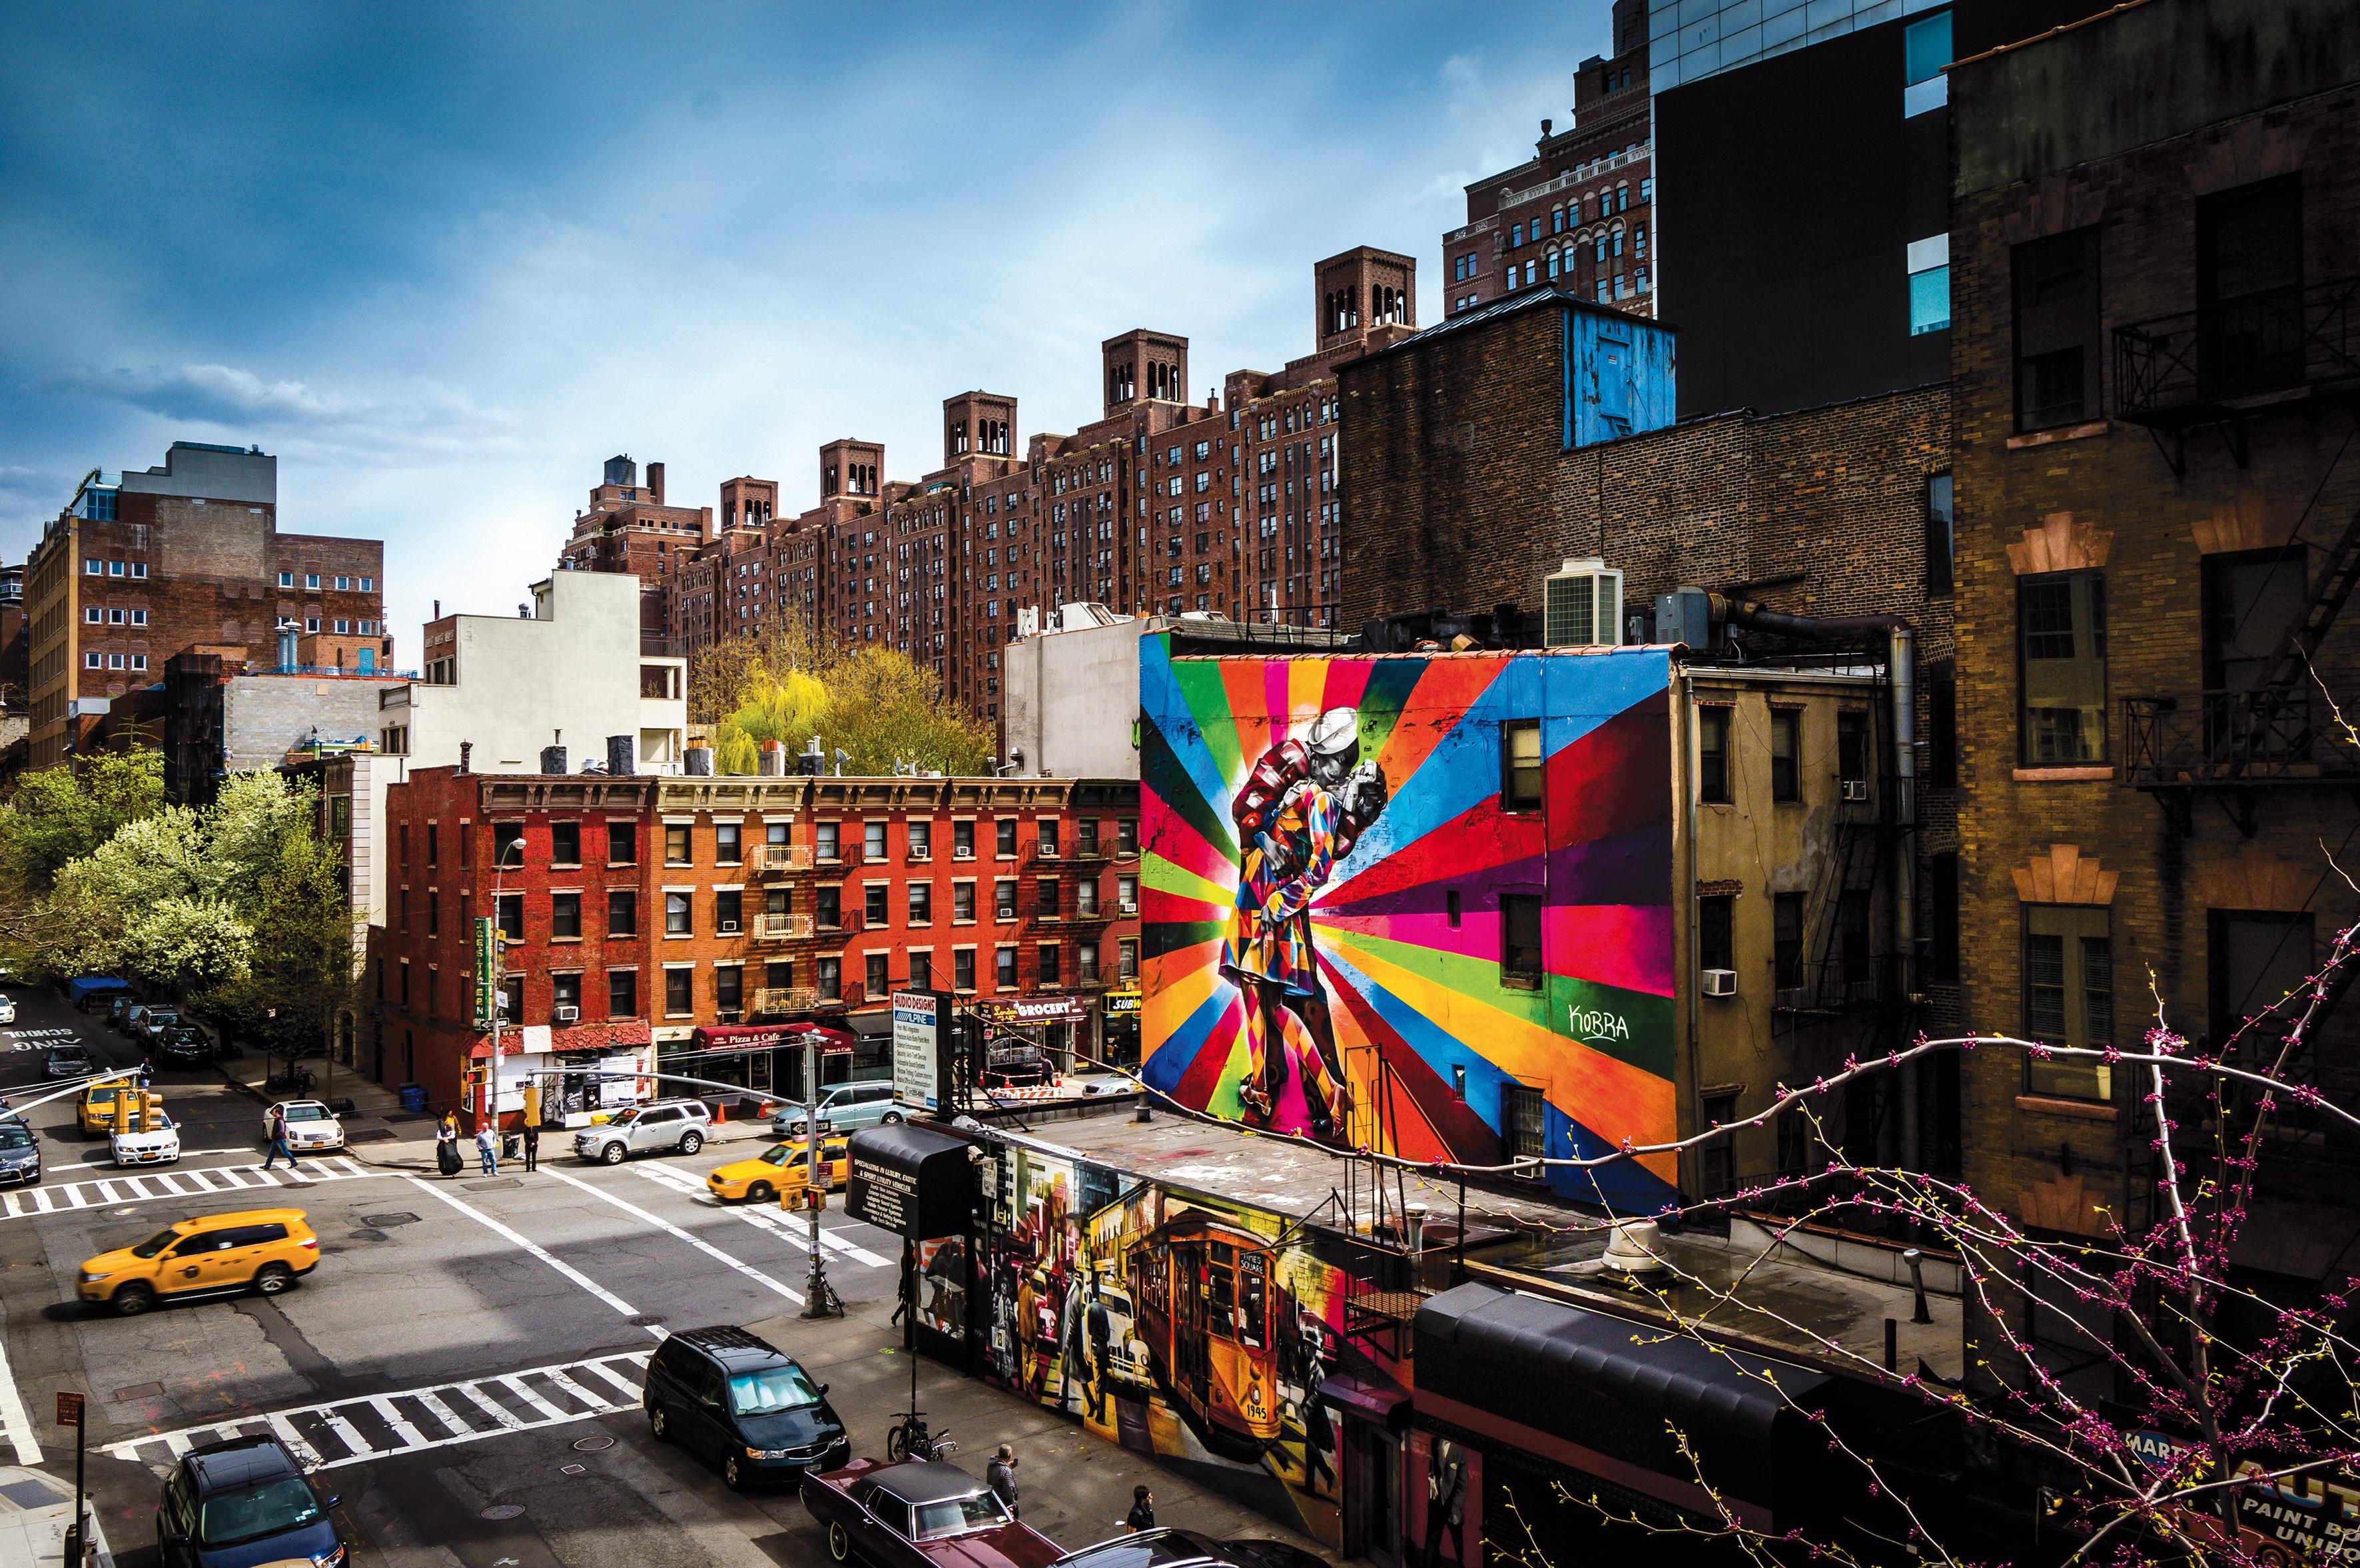 High Line Park, parque suspenso de Nova York, tem vista para o mural O Beijo, criado em 2012 por Kobra.